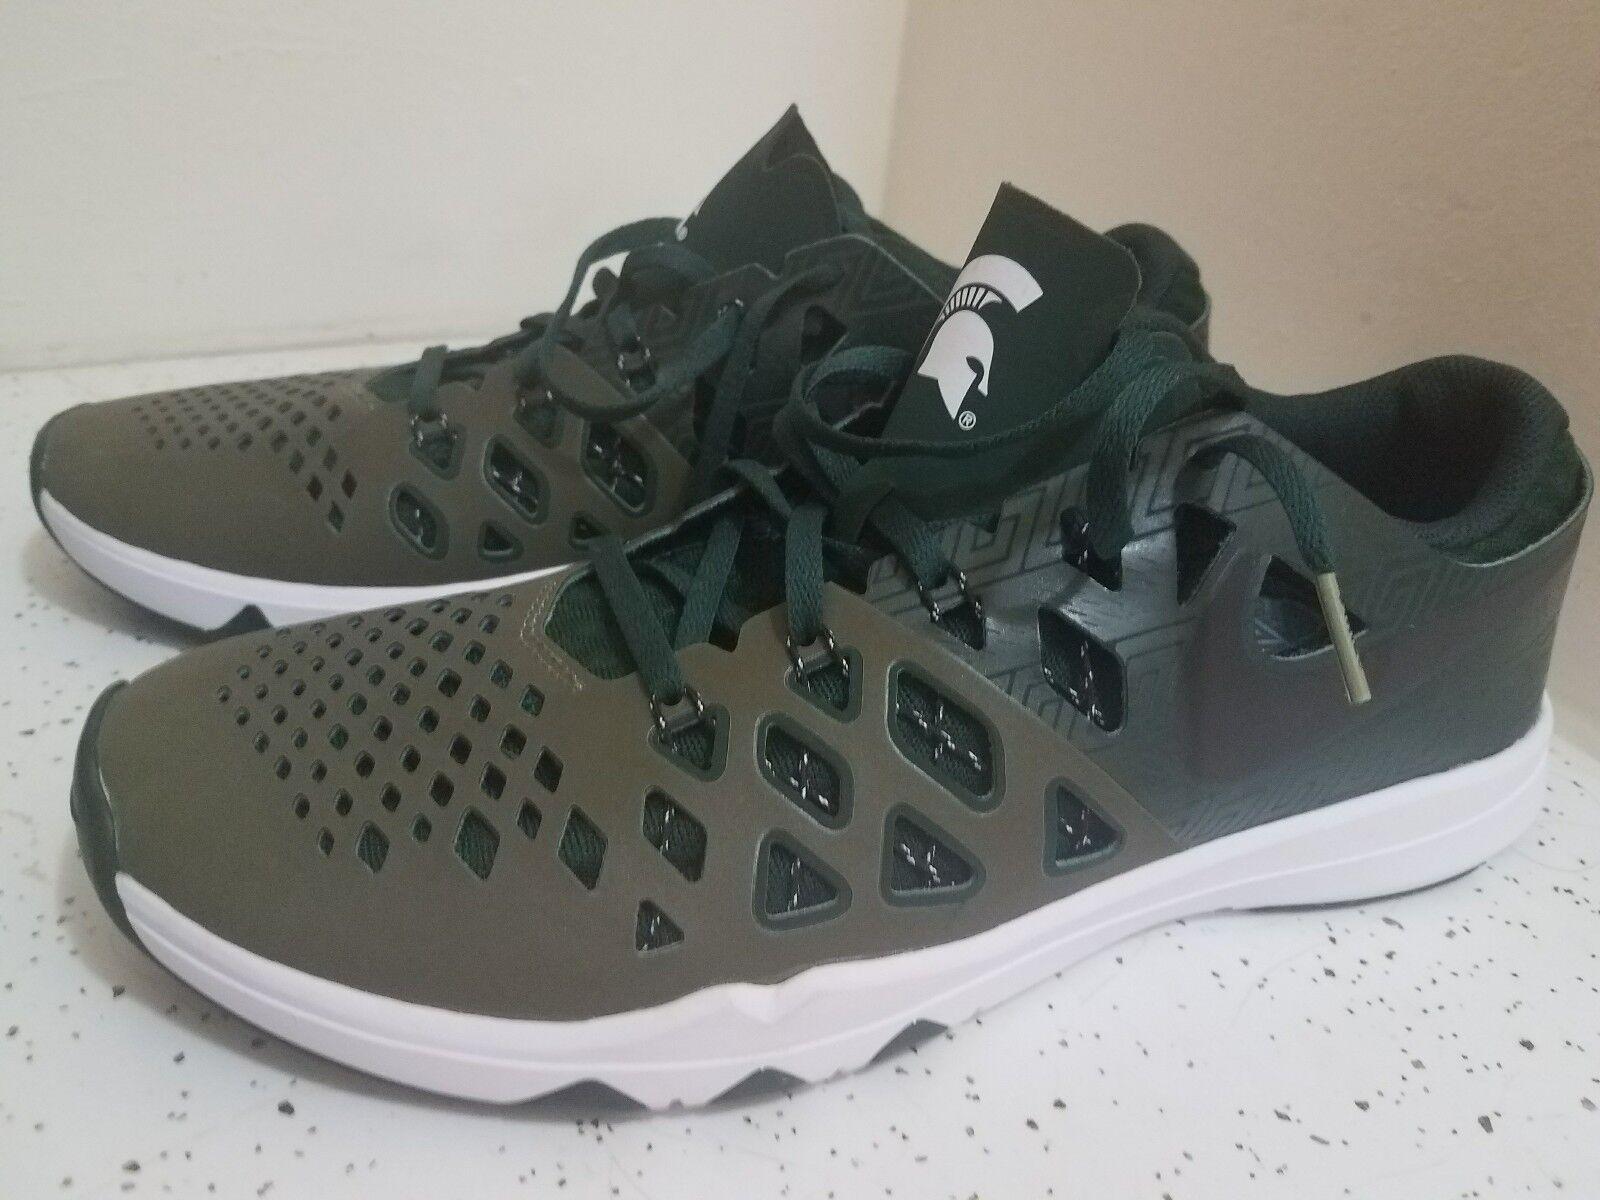 New Verde Nike zapatillas velocidad del tren comodo 4 Amp MSU espartanos comodo tren gran descuento c2bace